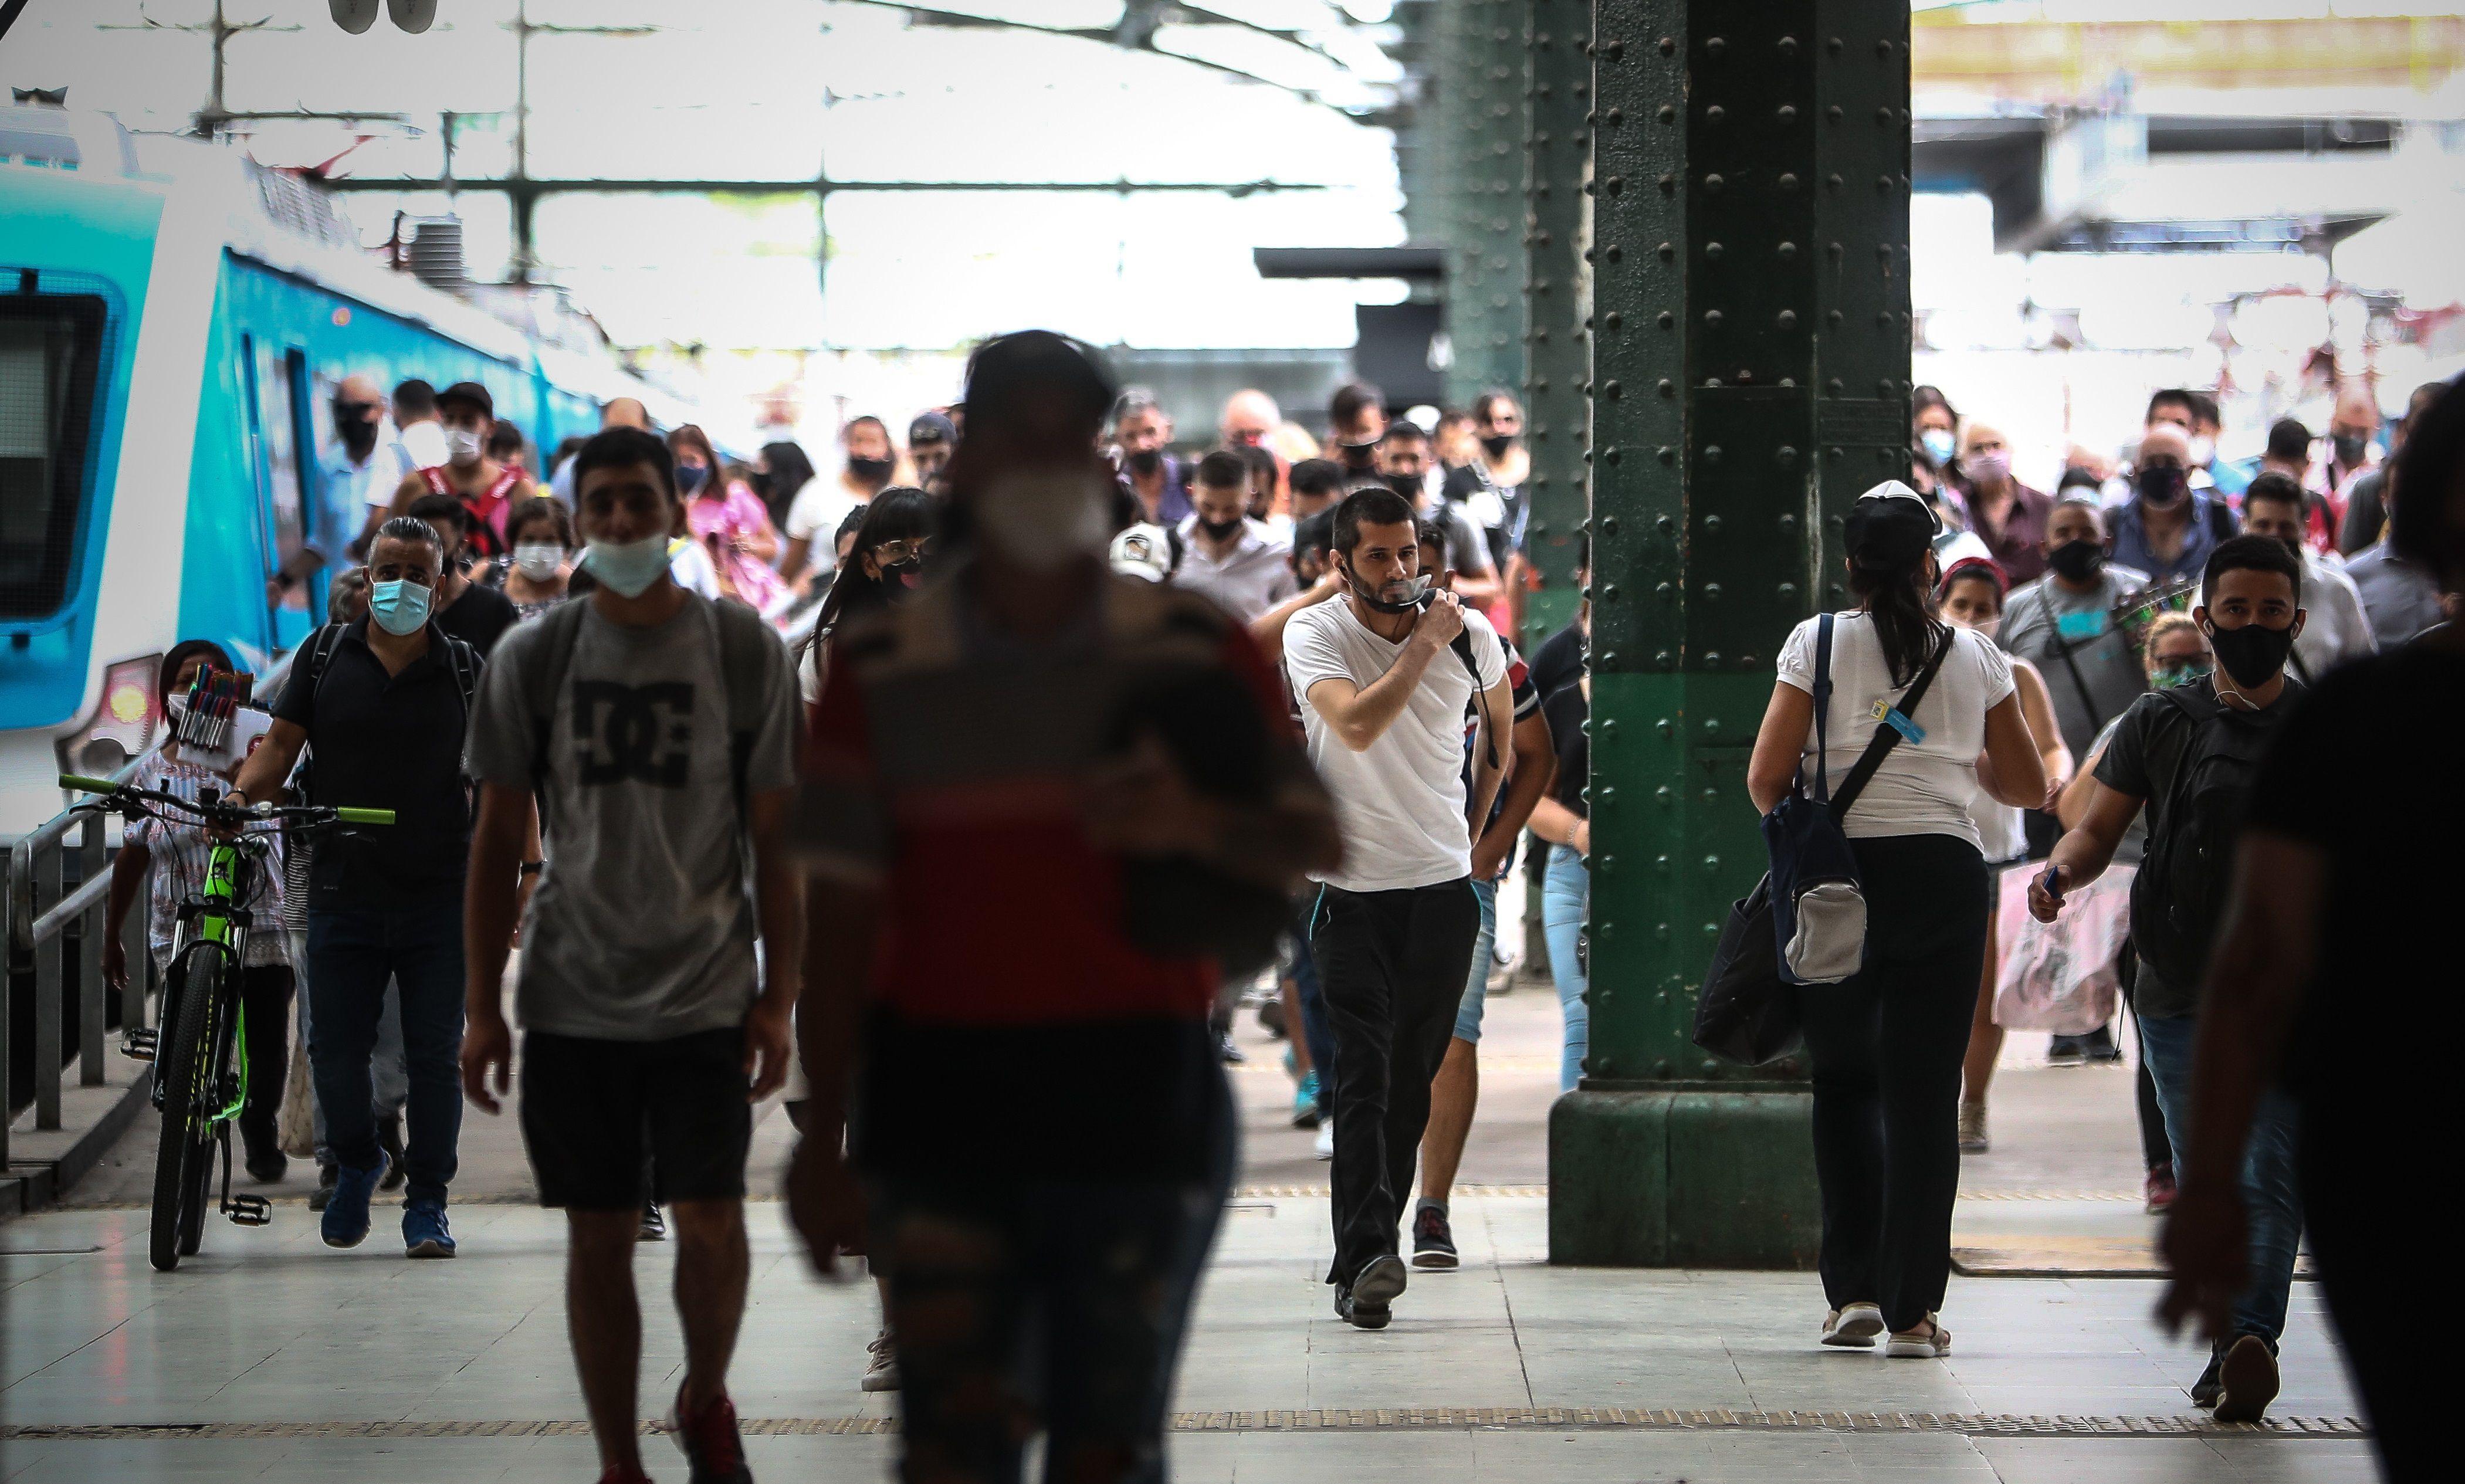 Varias personas circulan por la Estación Ferroviaria de Constitución en Buenos Aires (Argentina). EFE/ Juan Ignacio Roncoroni